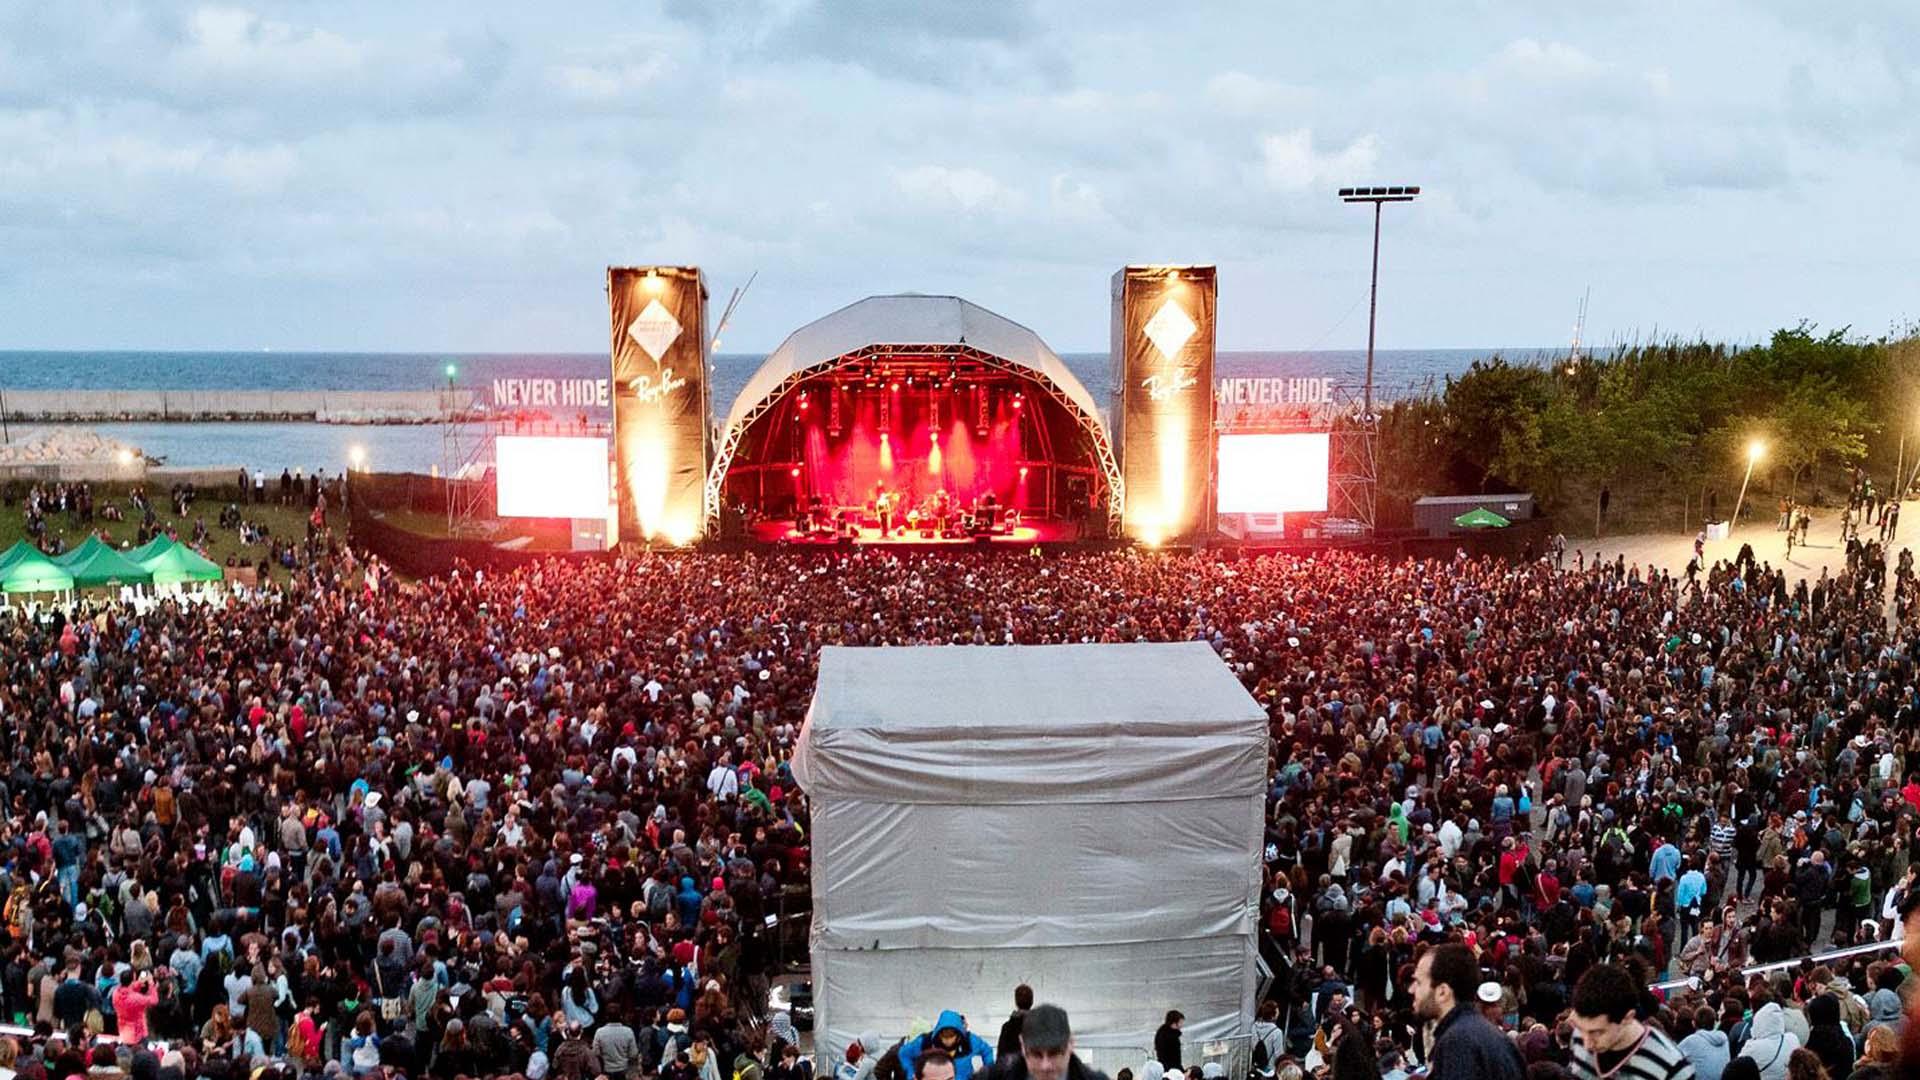 80 mil personas de 59 nacionalidades distintas se dieron cita en la edición portuguesa del característico evento que reúne la música con la naturaleza